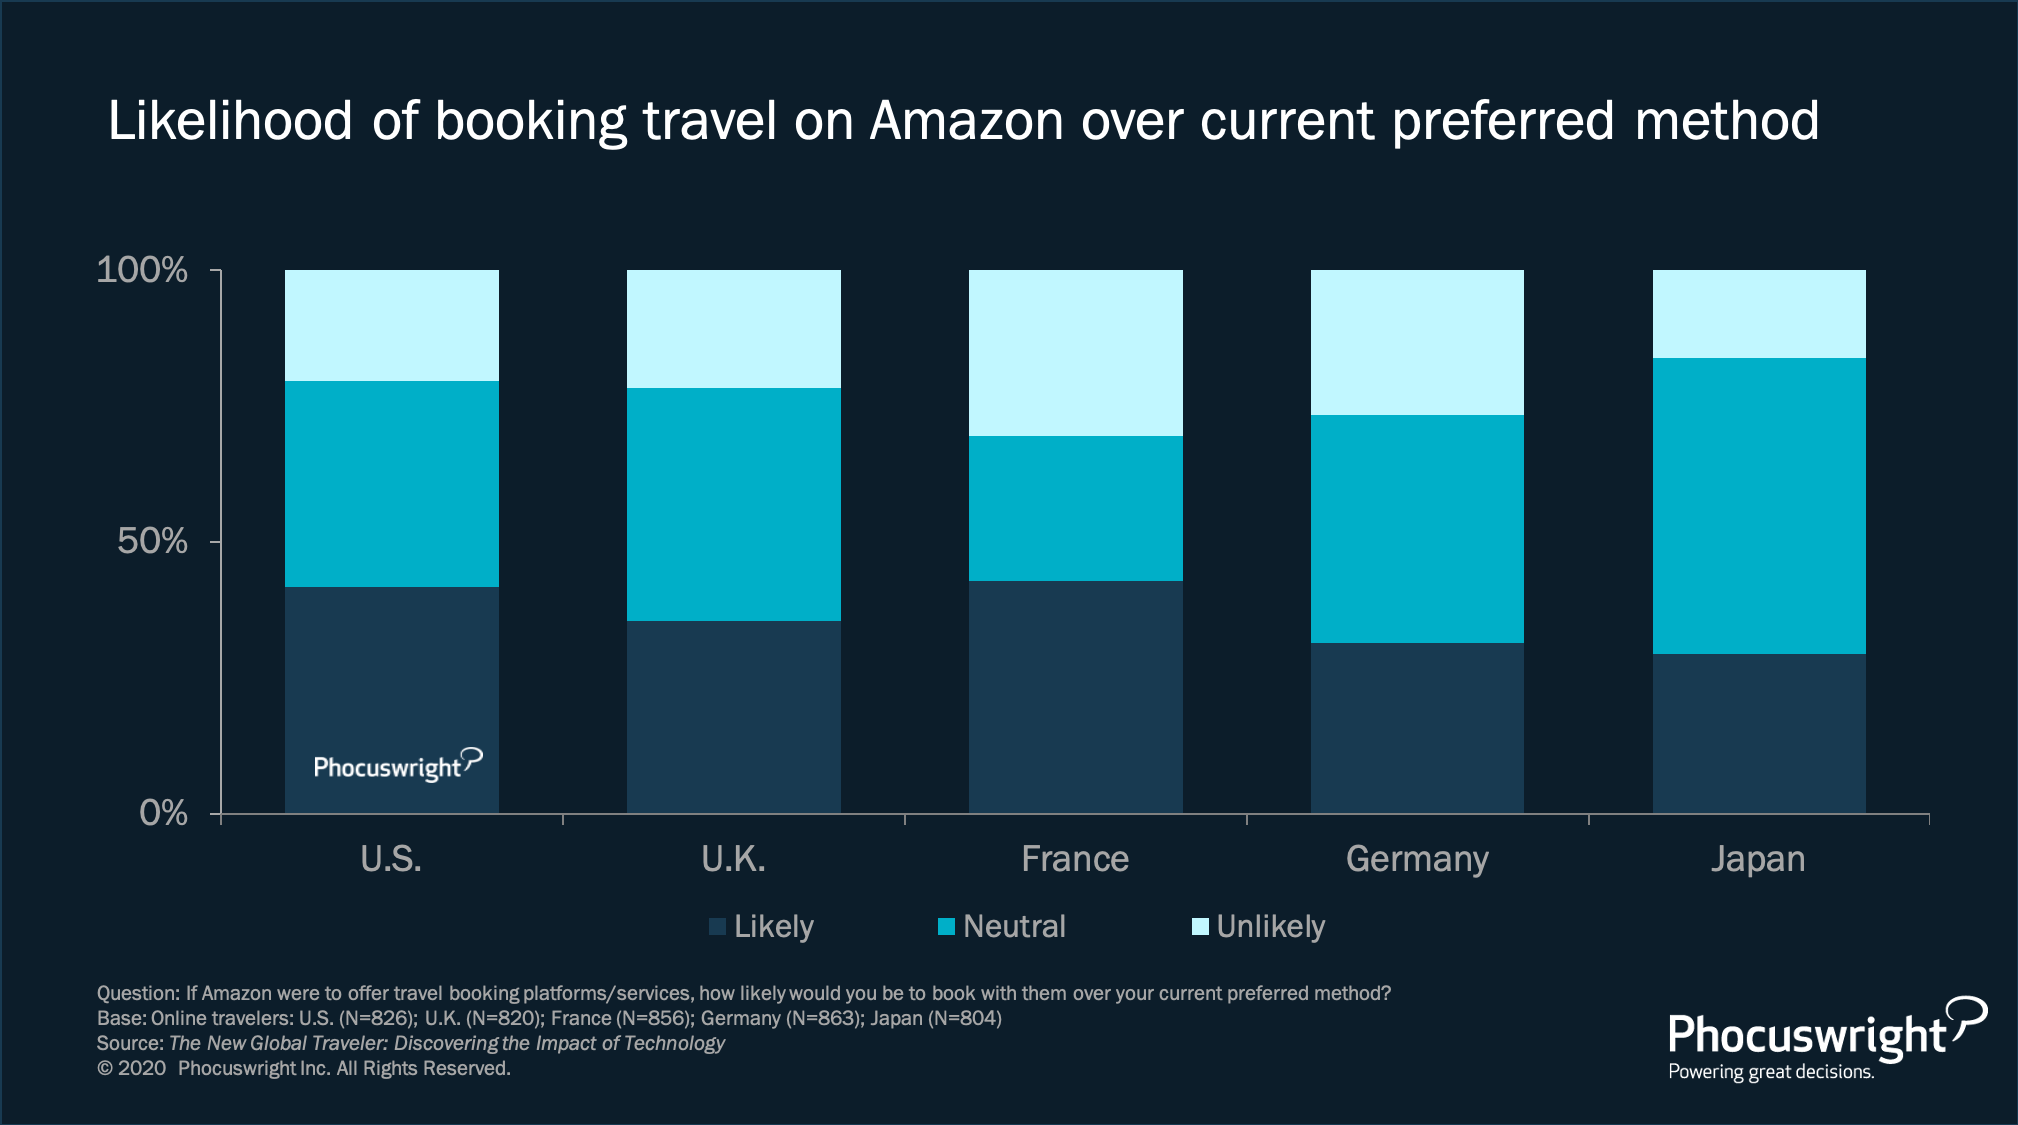 Phocuswright Chart: Likelihood of Booking Travel on Amazon Over Current Preferred Method